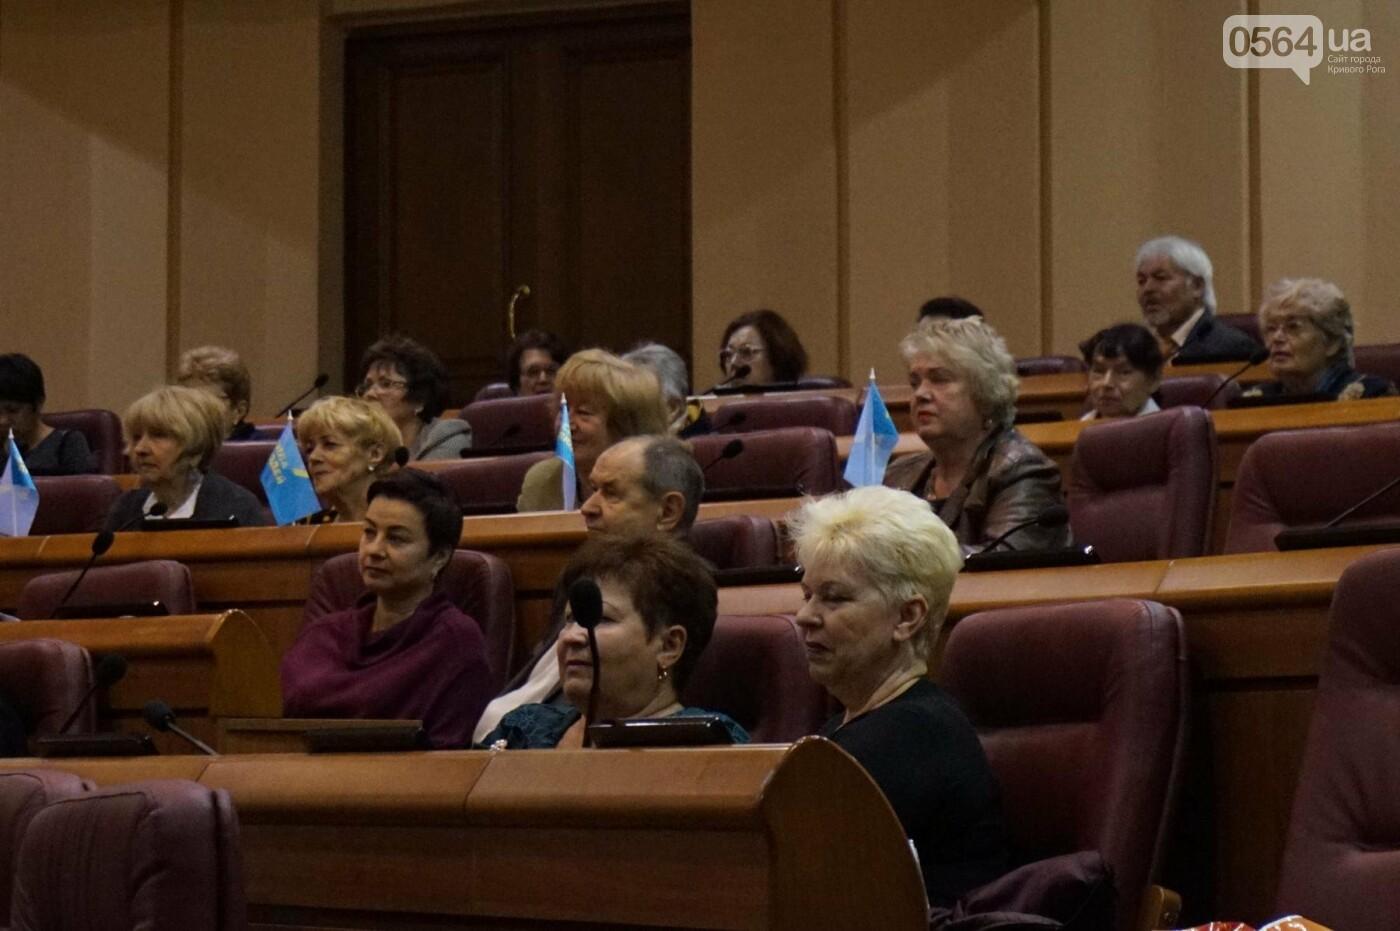 Экс-сотрудников Криворожского горисполкома поздравили с Днем пожилых людей (ФОТО), фото-14